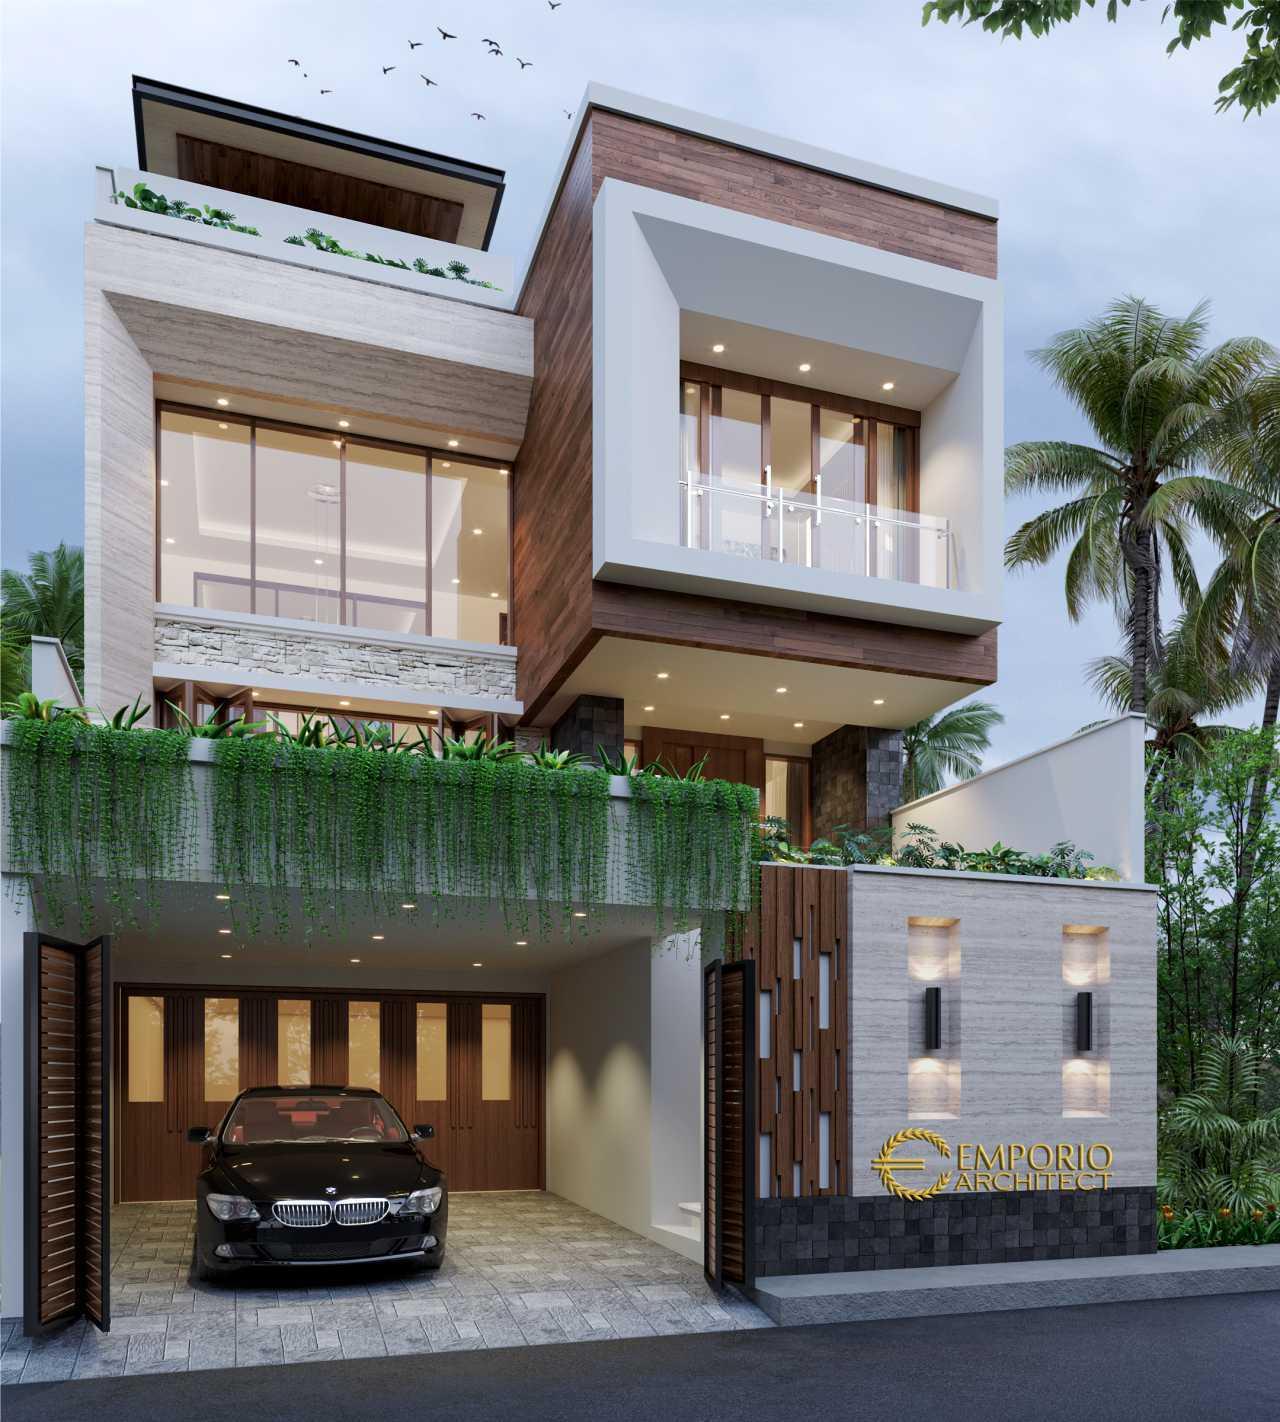 Emporio Architect Jasa Arsitek Badung Desain Rumah Modern 2 Lantai 726 @ Petitenget, Badung, Bali Kabupaten Badung, Bali, Indonesia Kabupaten Badung, Bali, Indonesia Emporio-Architect-Jasa-Arsitek-Badung-Desain-Rumah-Modern-2-Lantai-726-Petitenget-Badung-Bali Modern 93949